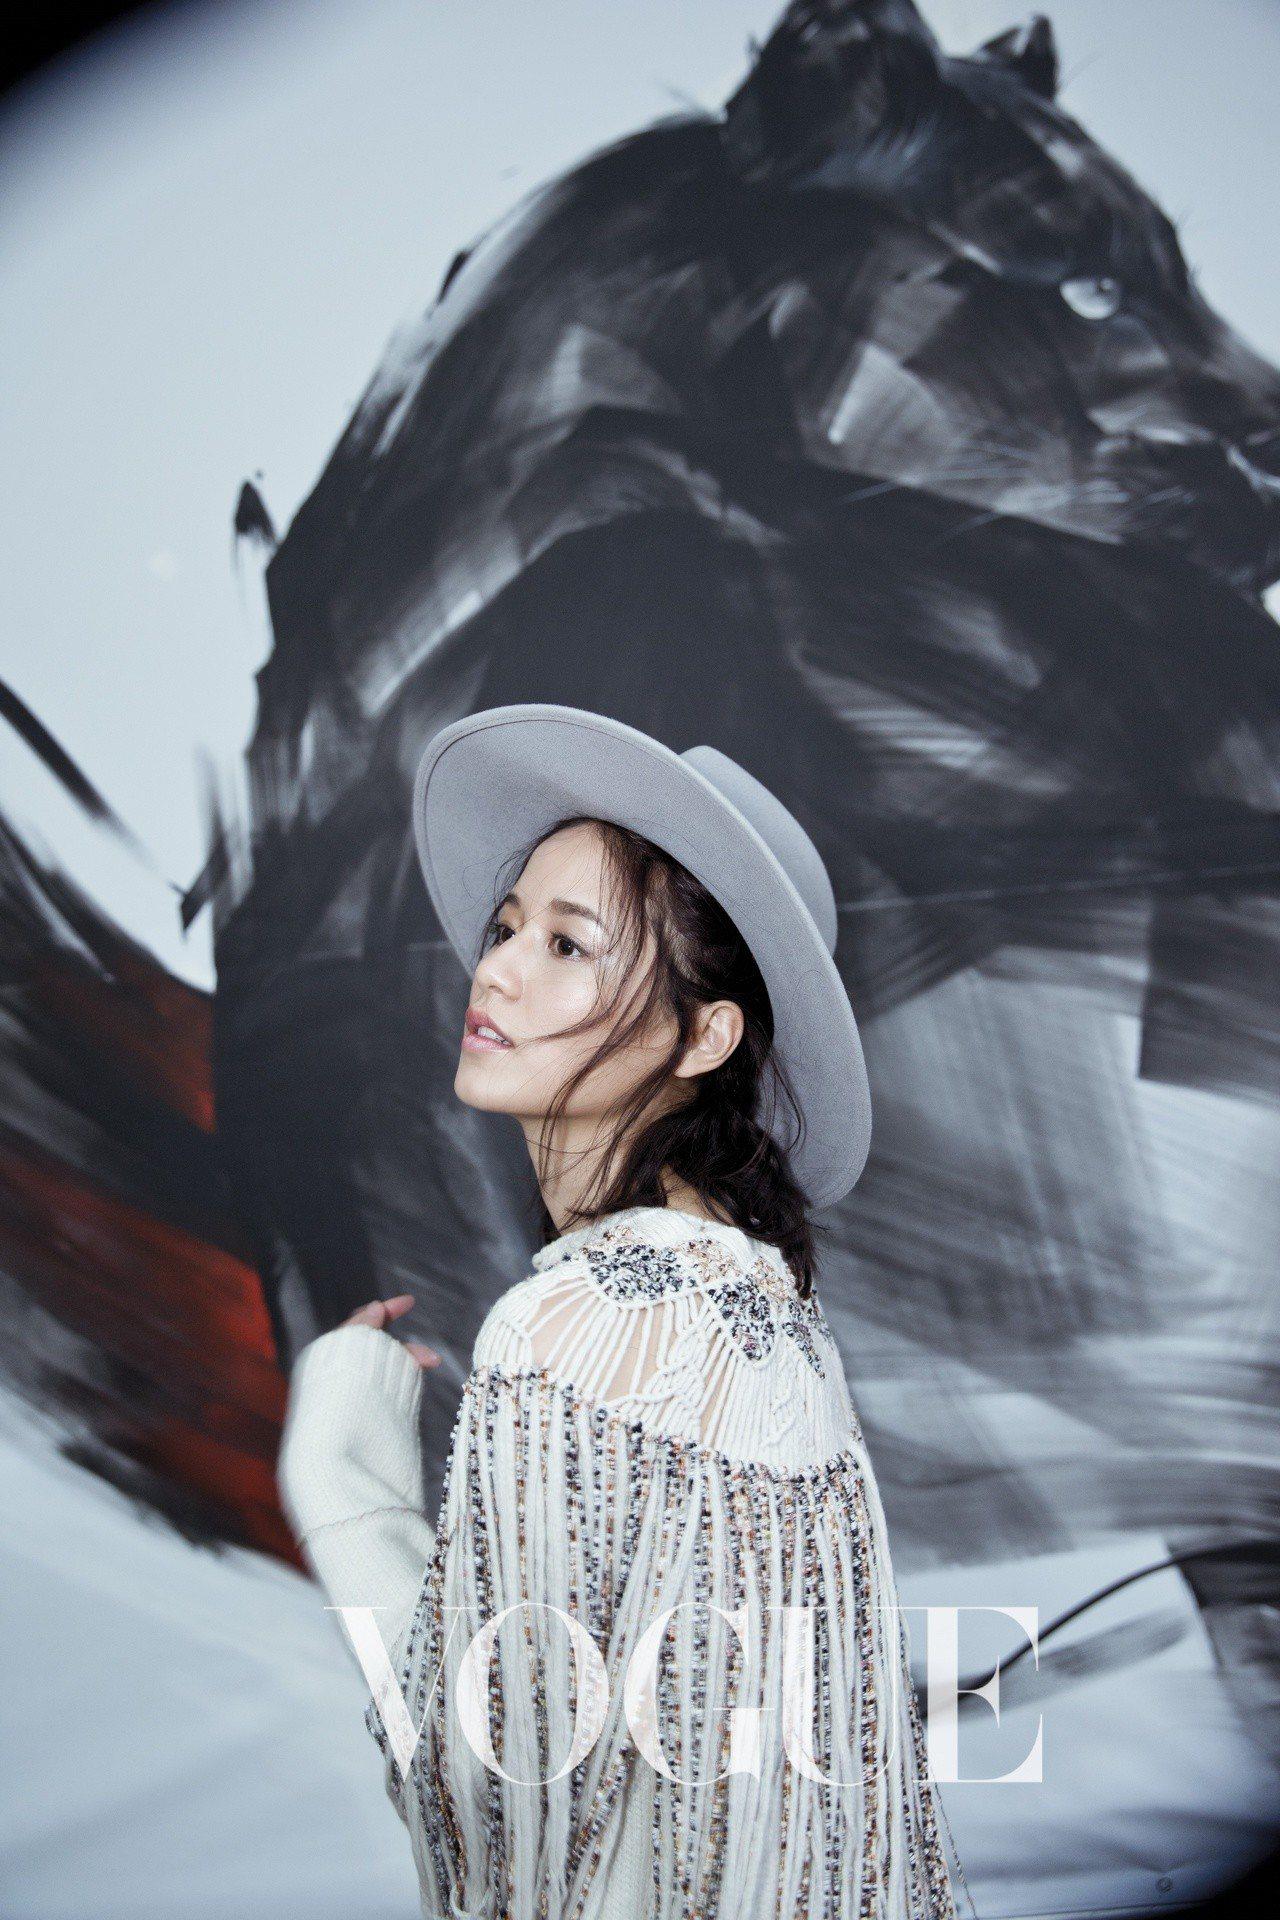 彩色珠串流蘇針織長版上衣(Dior)灰色鑲珍珠字母毛呢紳士帽(Eugenia K...